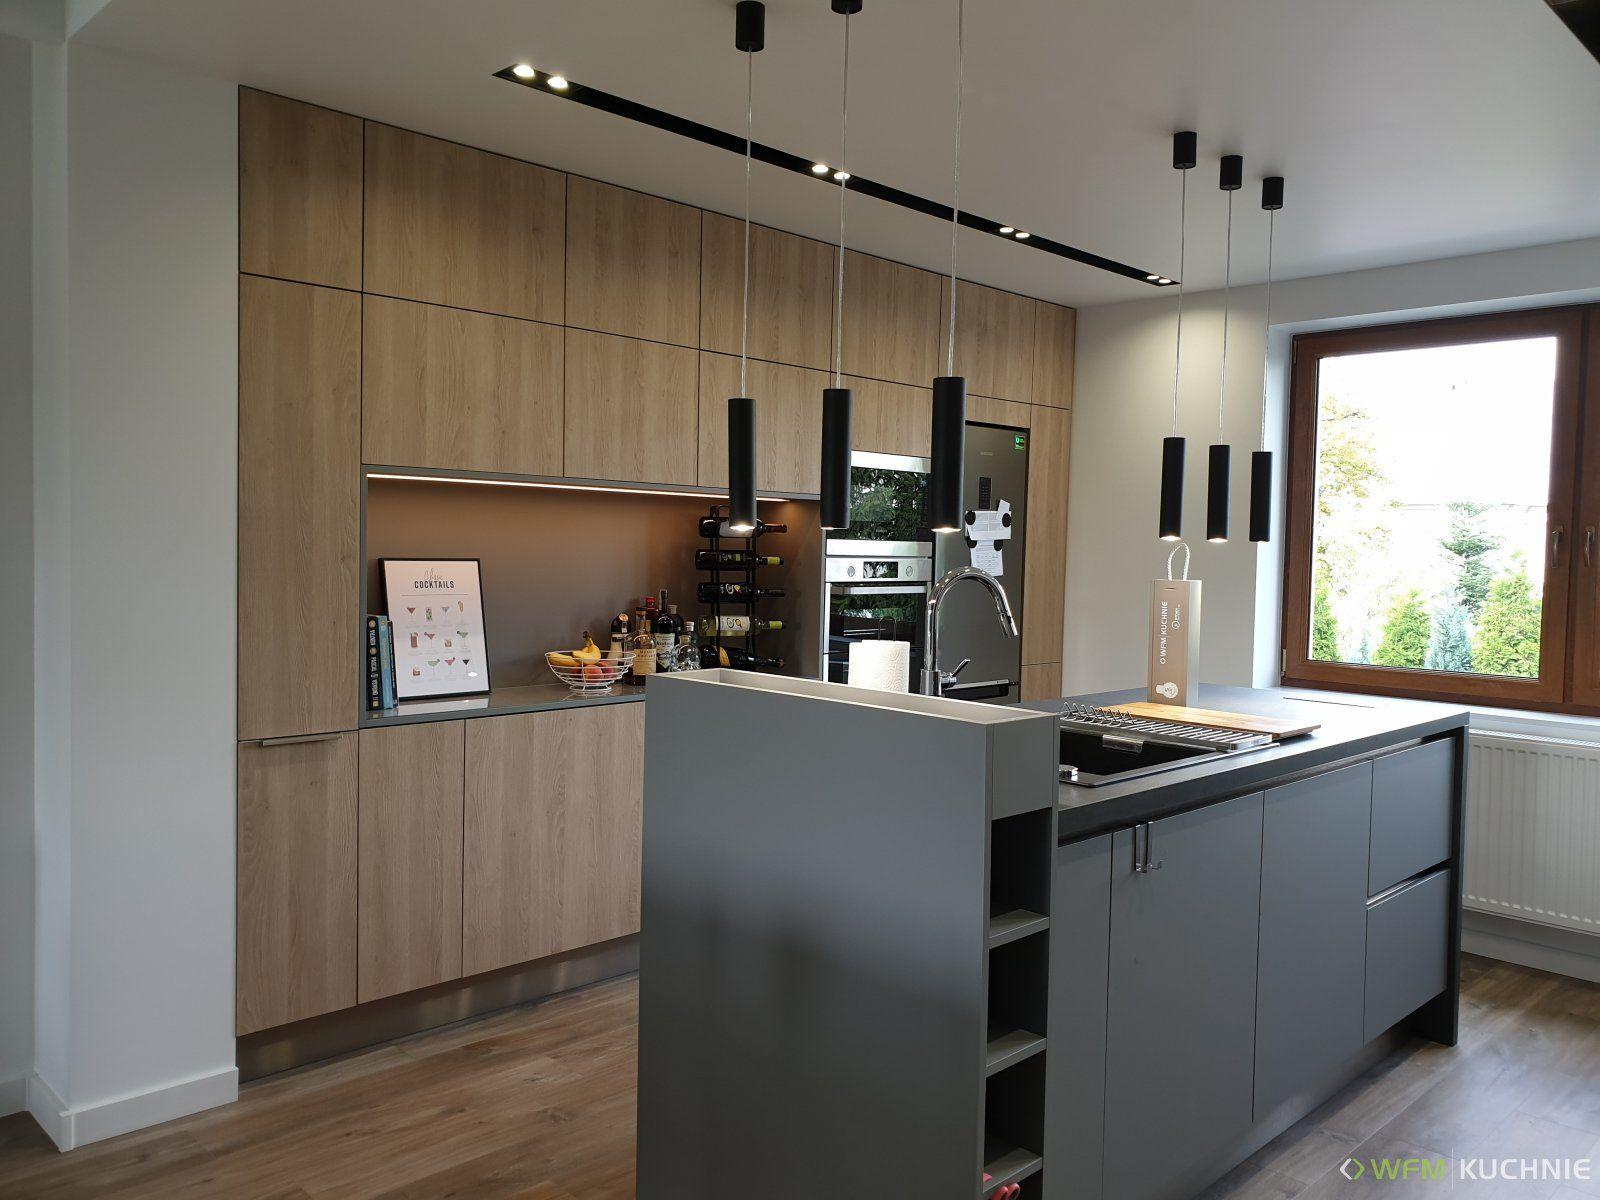 Kuchnia Wfm Punto Dab Gladstone Piaskowy P92f Minimalist Kitchen Cabinets Modern Kitchen Design Kitchen Design